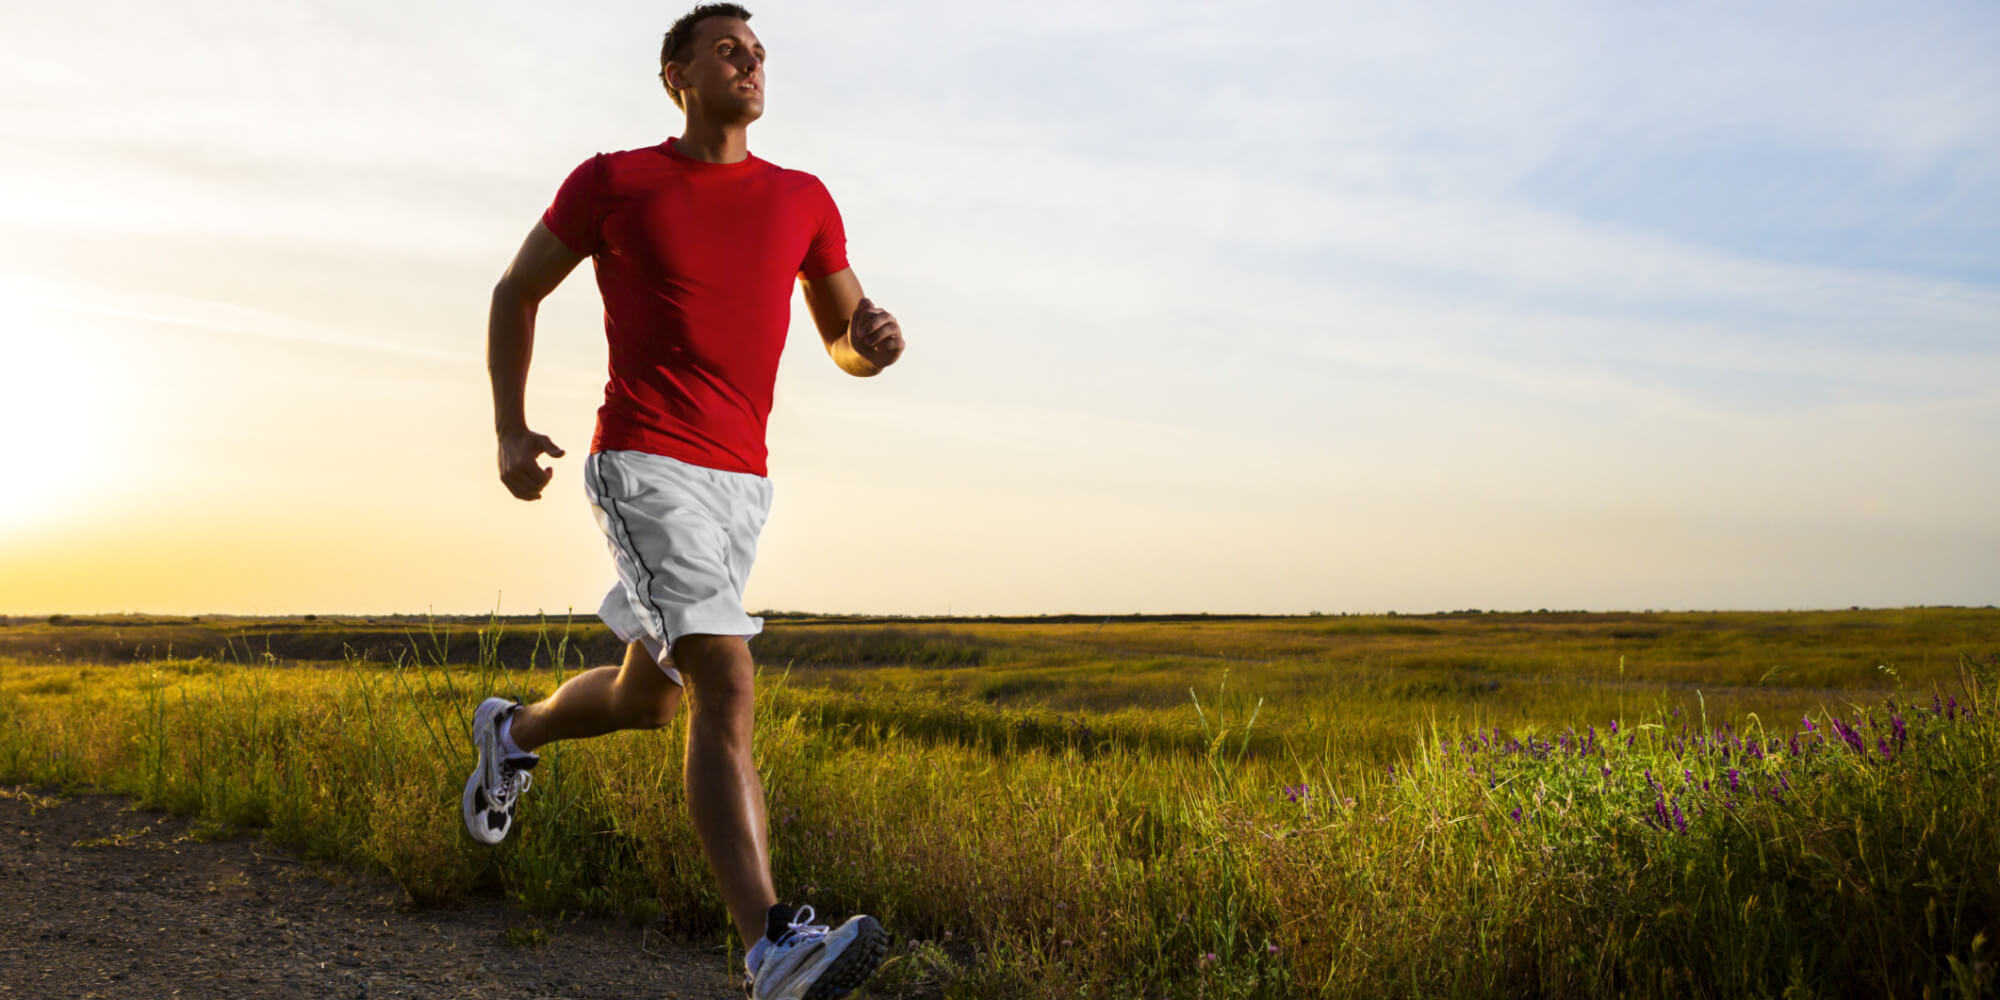 бег для хорошей формы